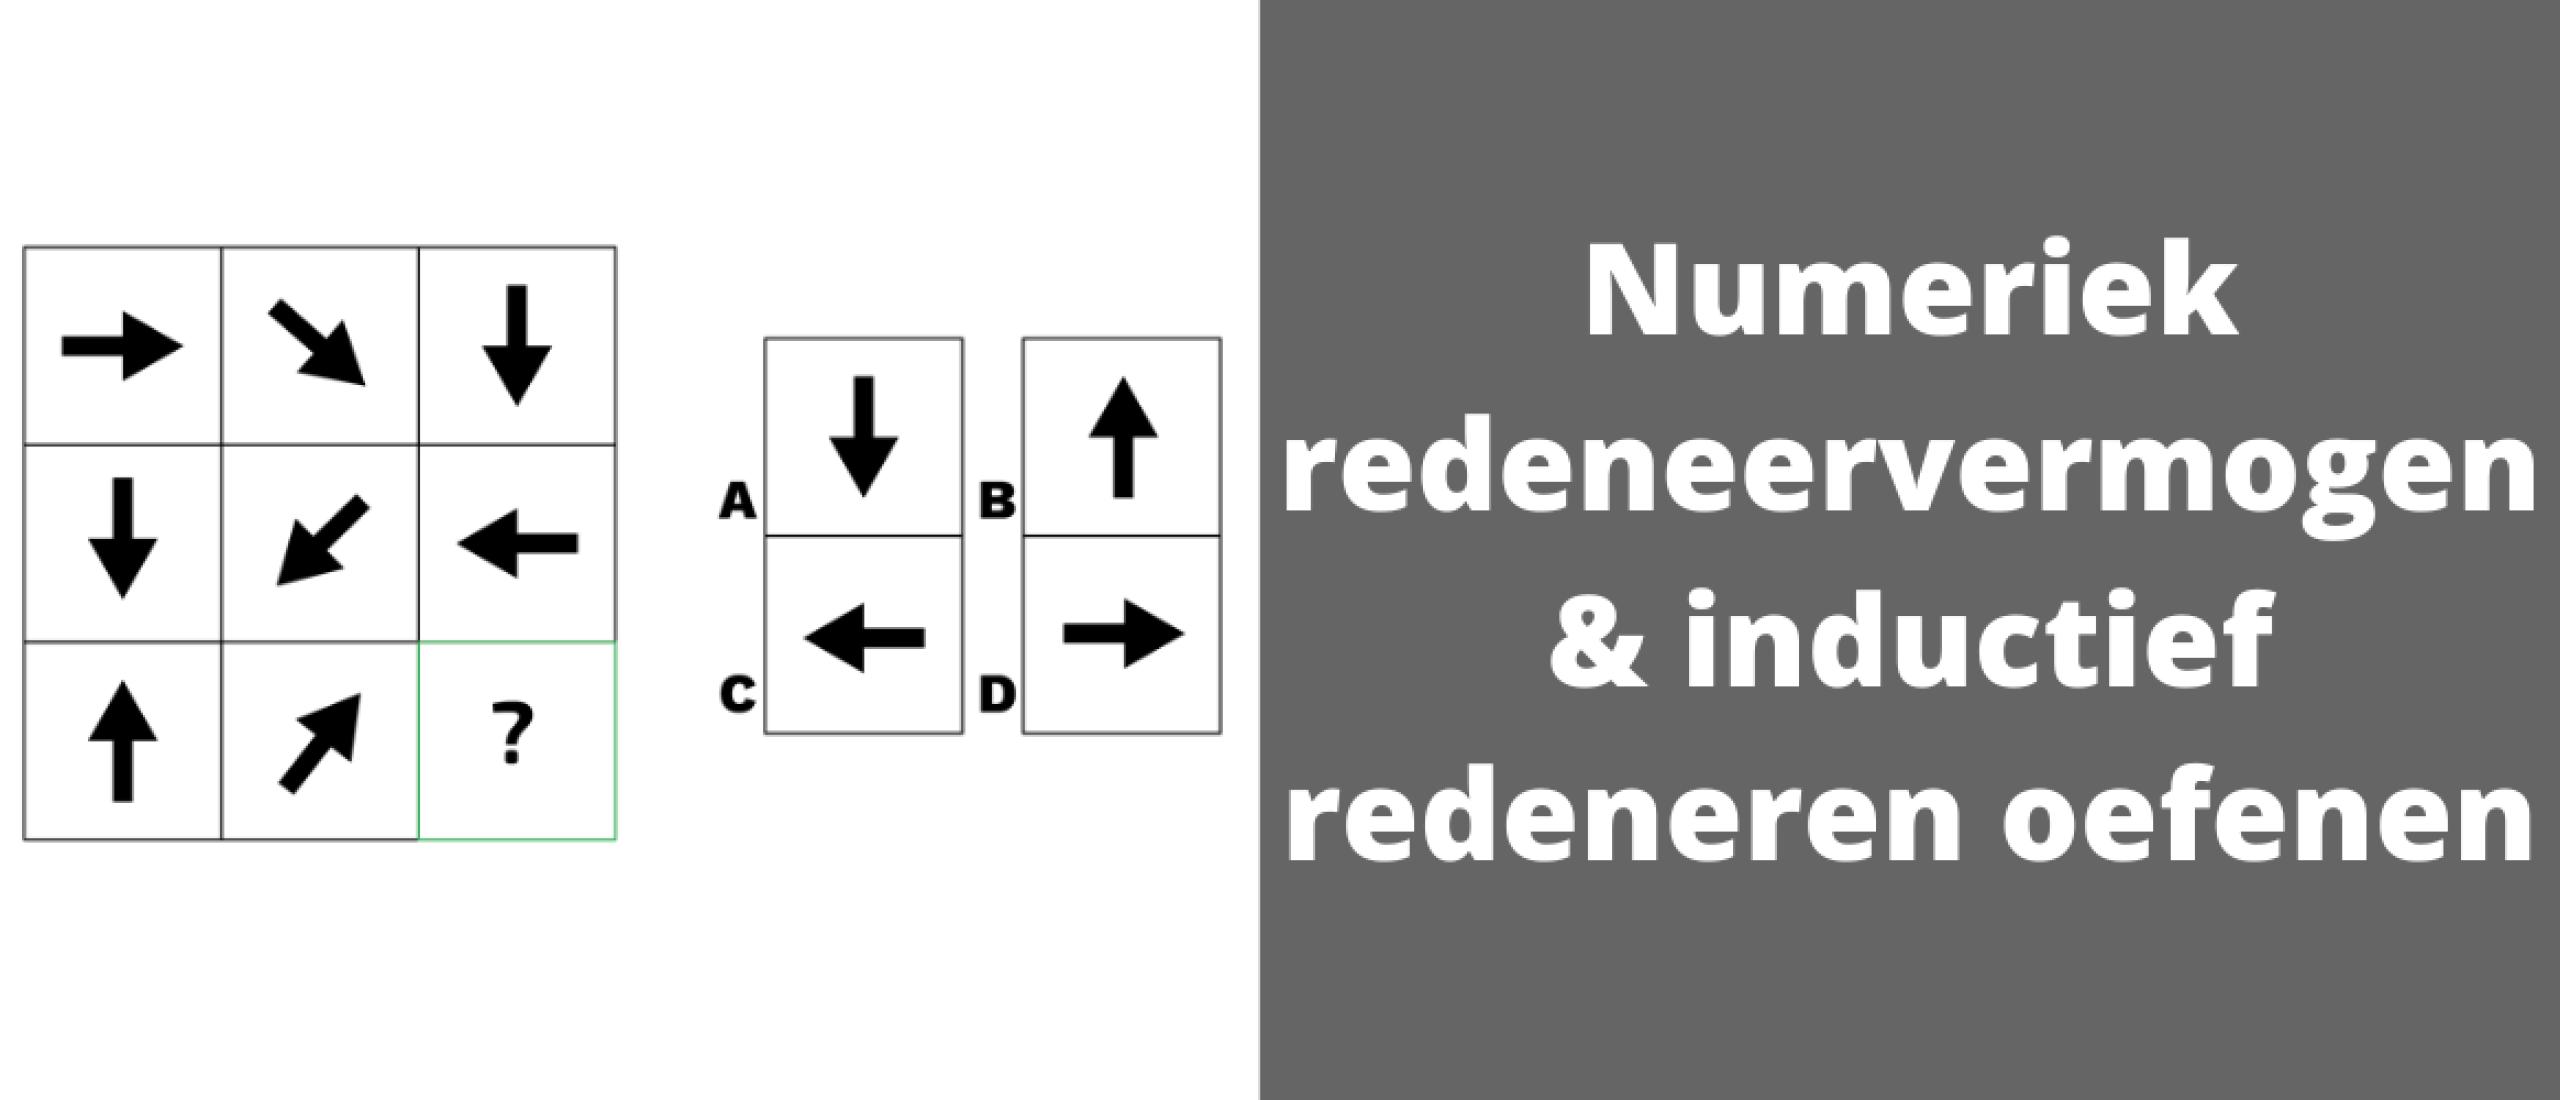 Numeriek redeneervermogen & inductief redeneren oefenen